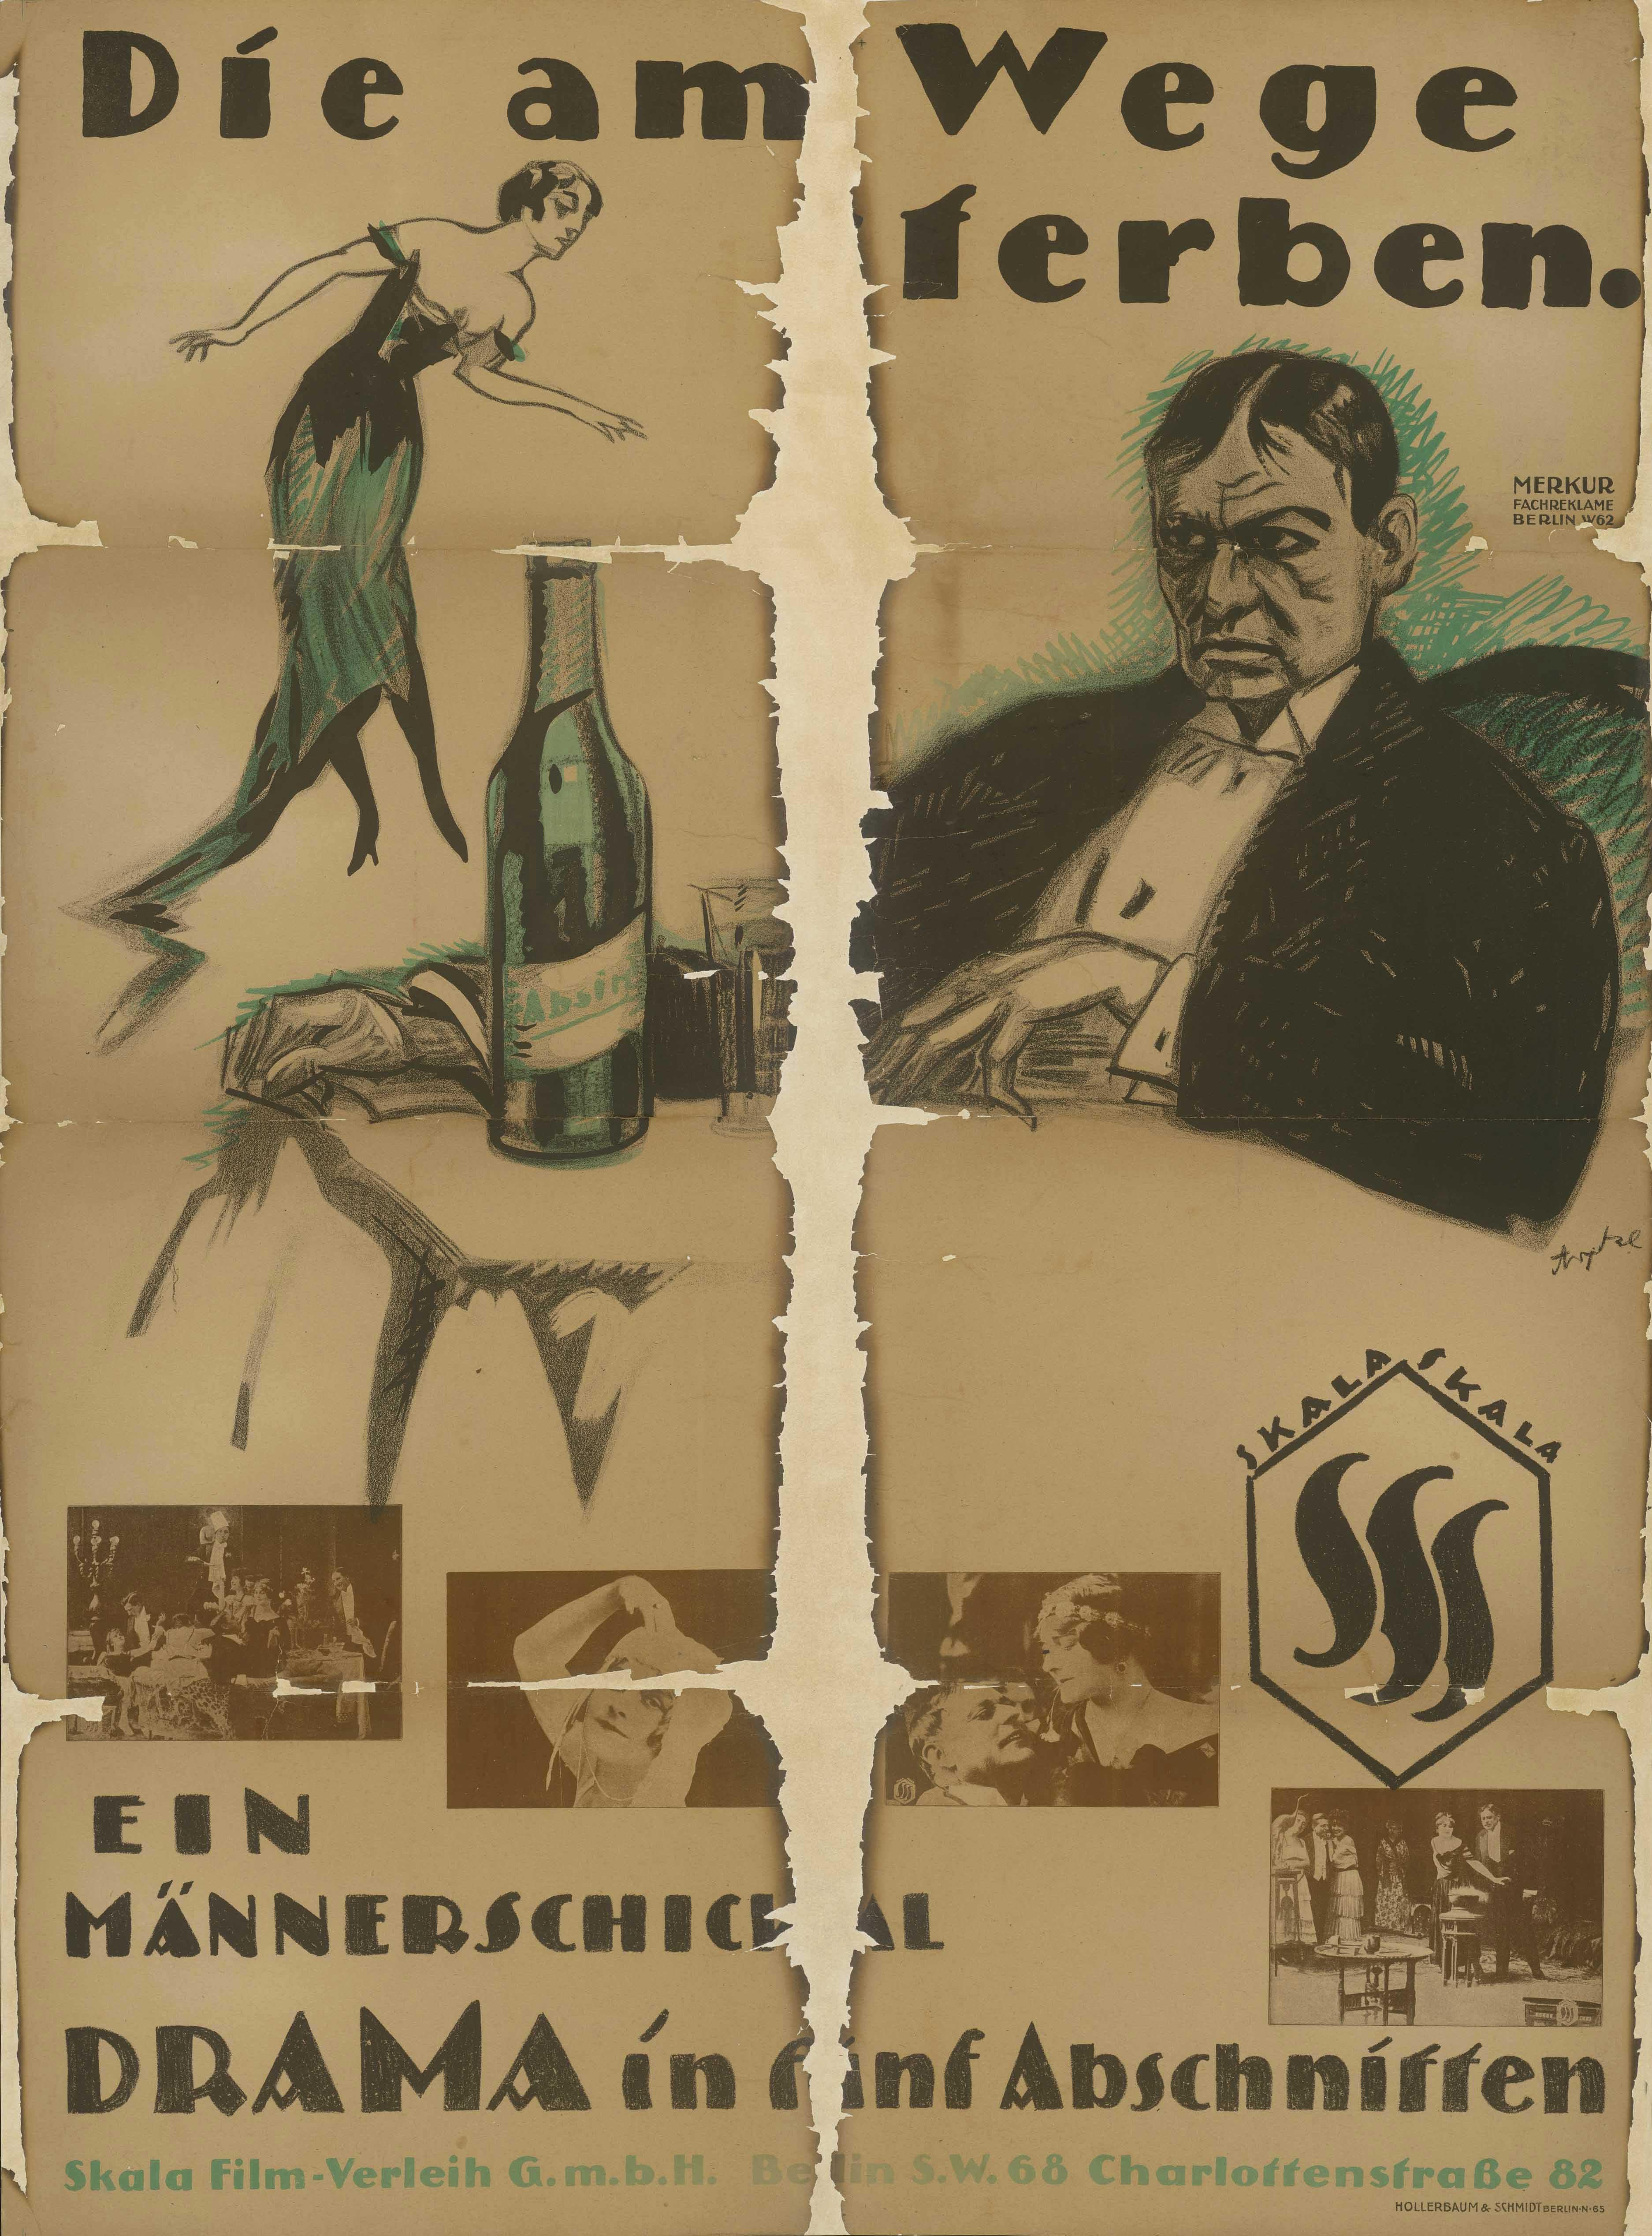 Filmplakat zu dem Film Die am Wege sterben, Deutschland, ca. 1918